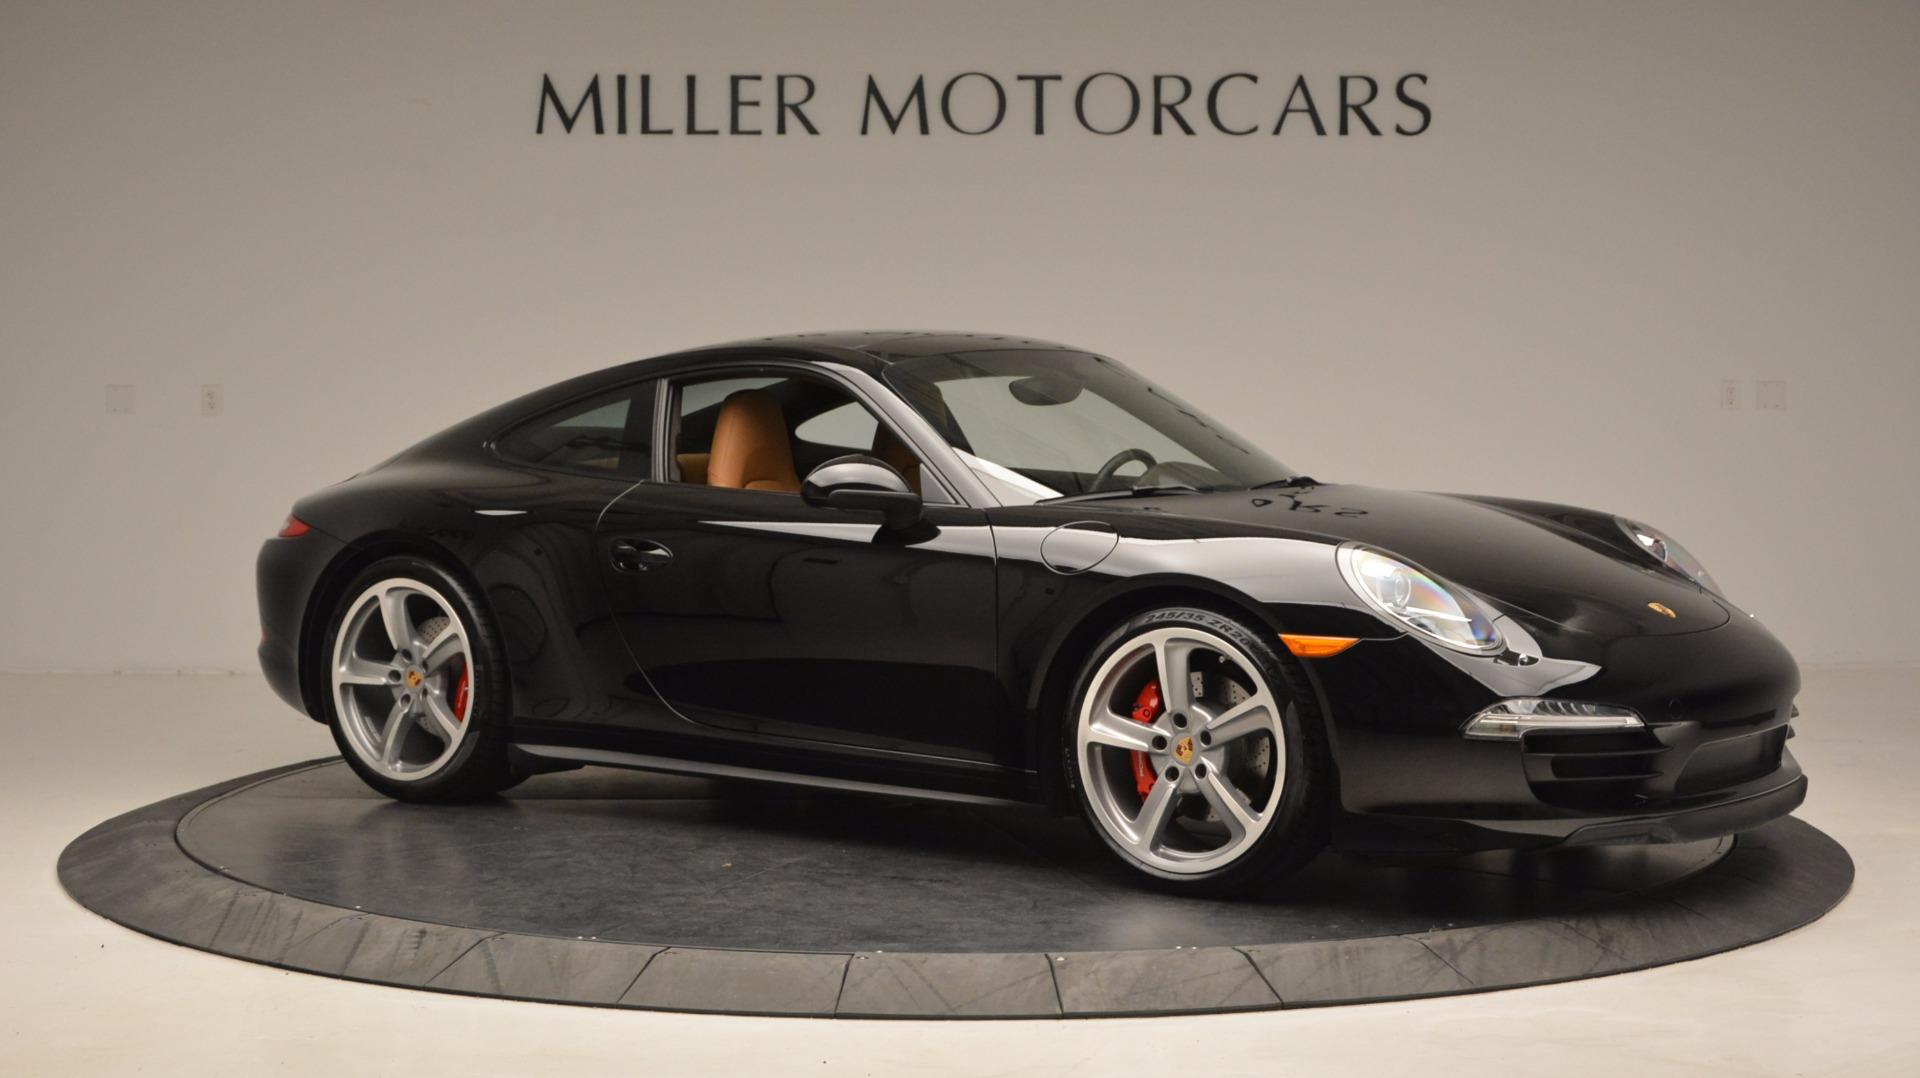 Used 2014 Porsche 911 Carrera 4S For Sale In Greenwich, CT 1076_p10